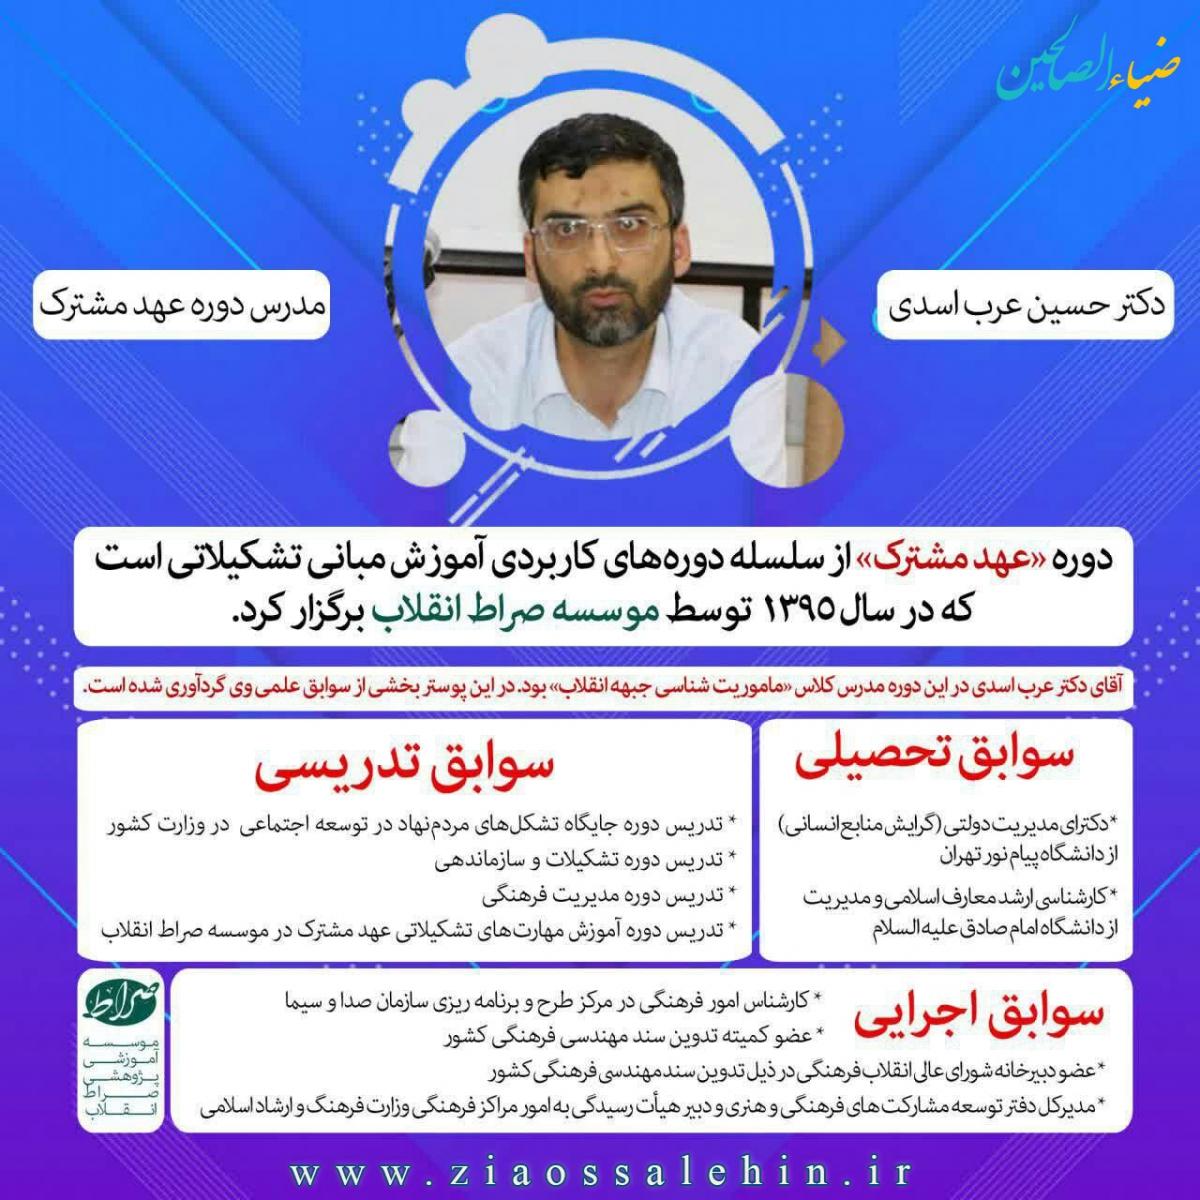 ماموریت شناسی جبهه انقلاب / دکتر عرب اسدی